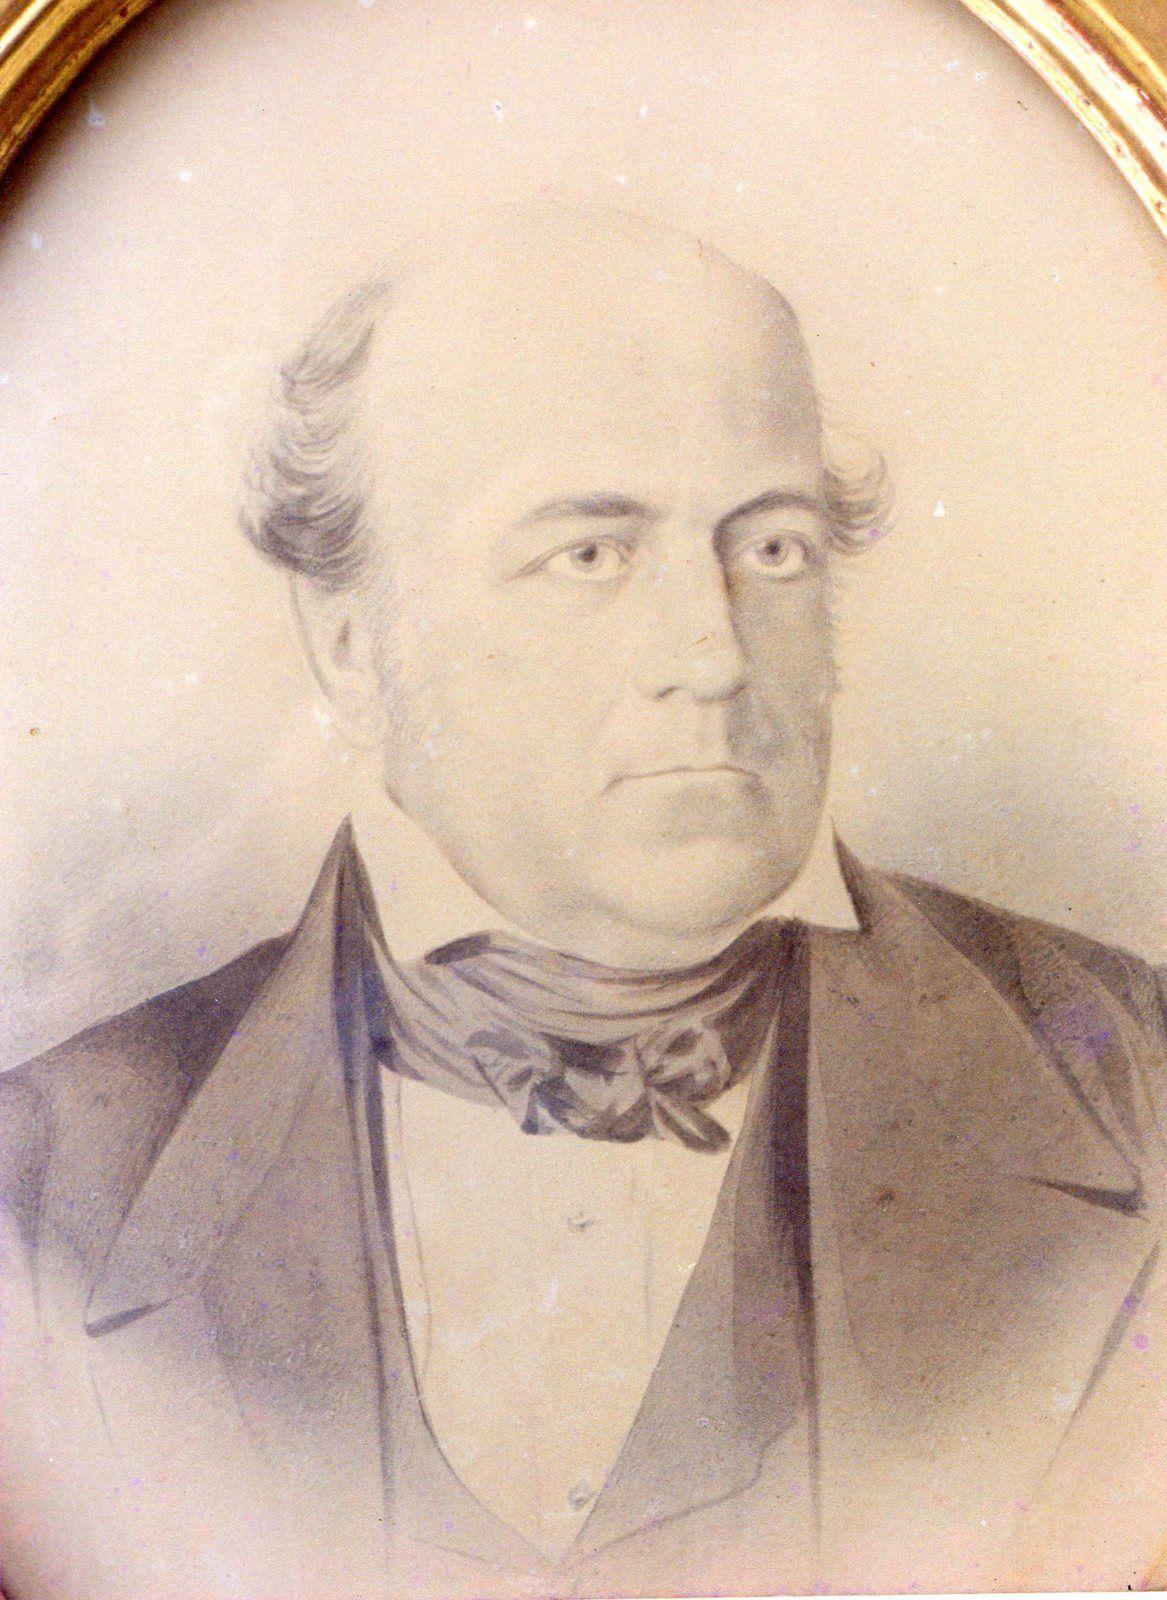 1 ) Alexandre Soljenitsyne. 2 ) Luc de Goustine. 3 ) Luc (l'ancien) Demay de Goustine, 1795-11856, qui fut maire de Grand Bourg à Marie-Galante.